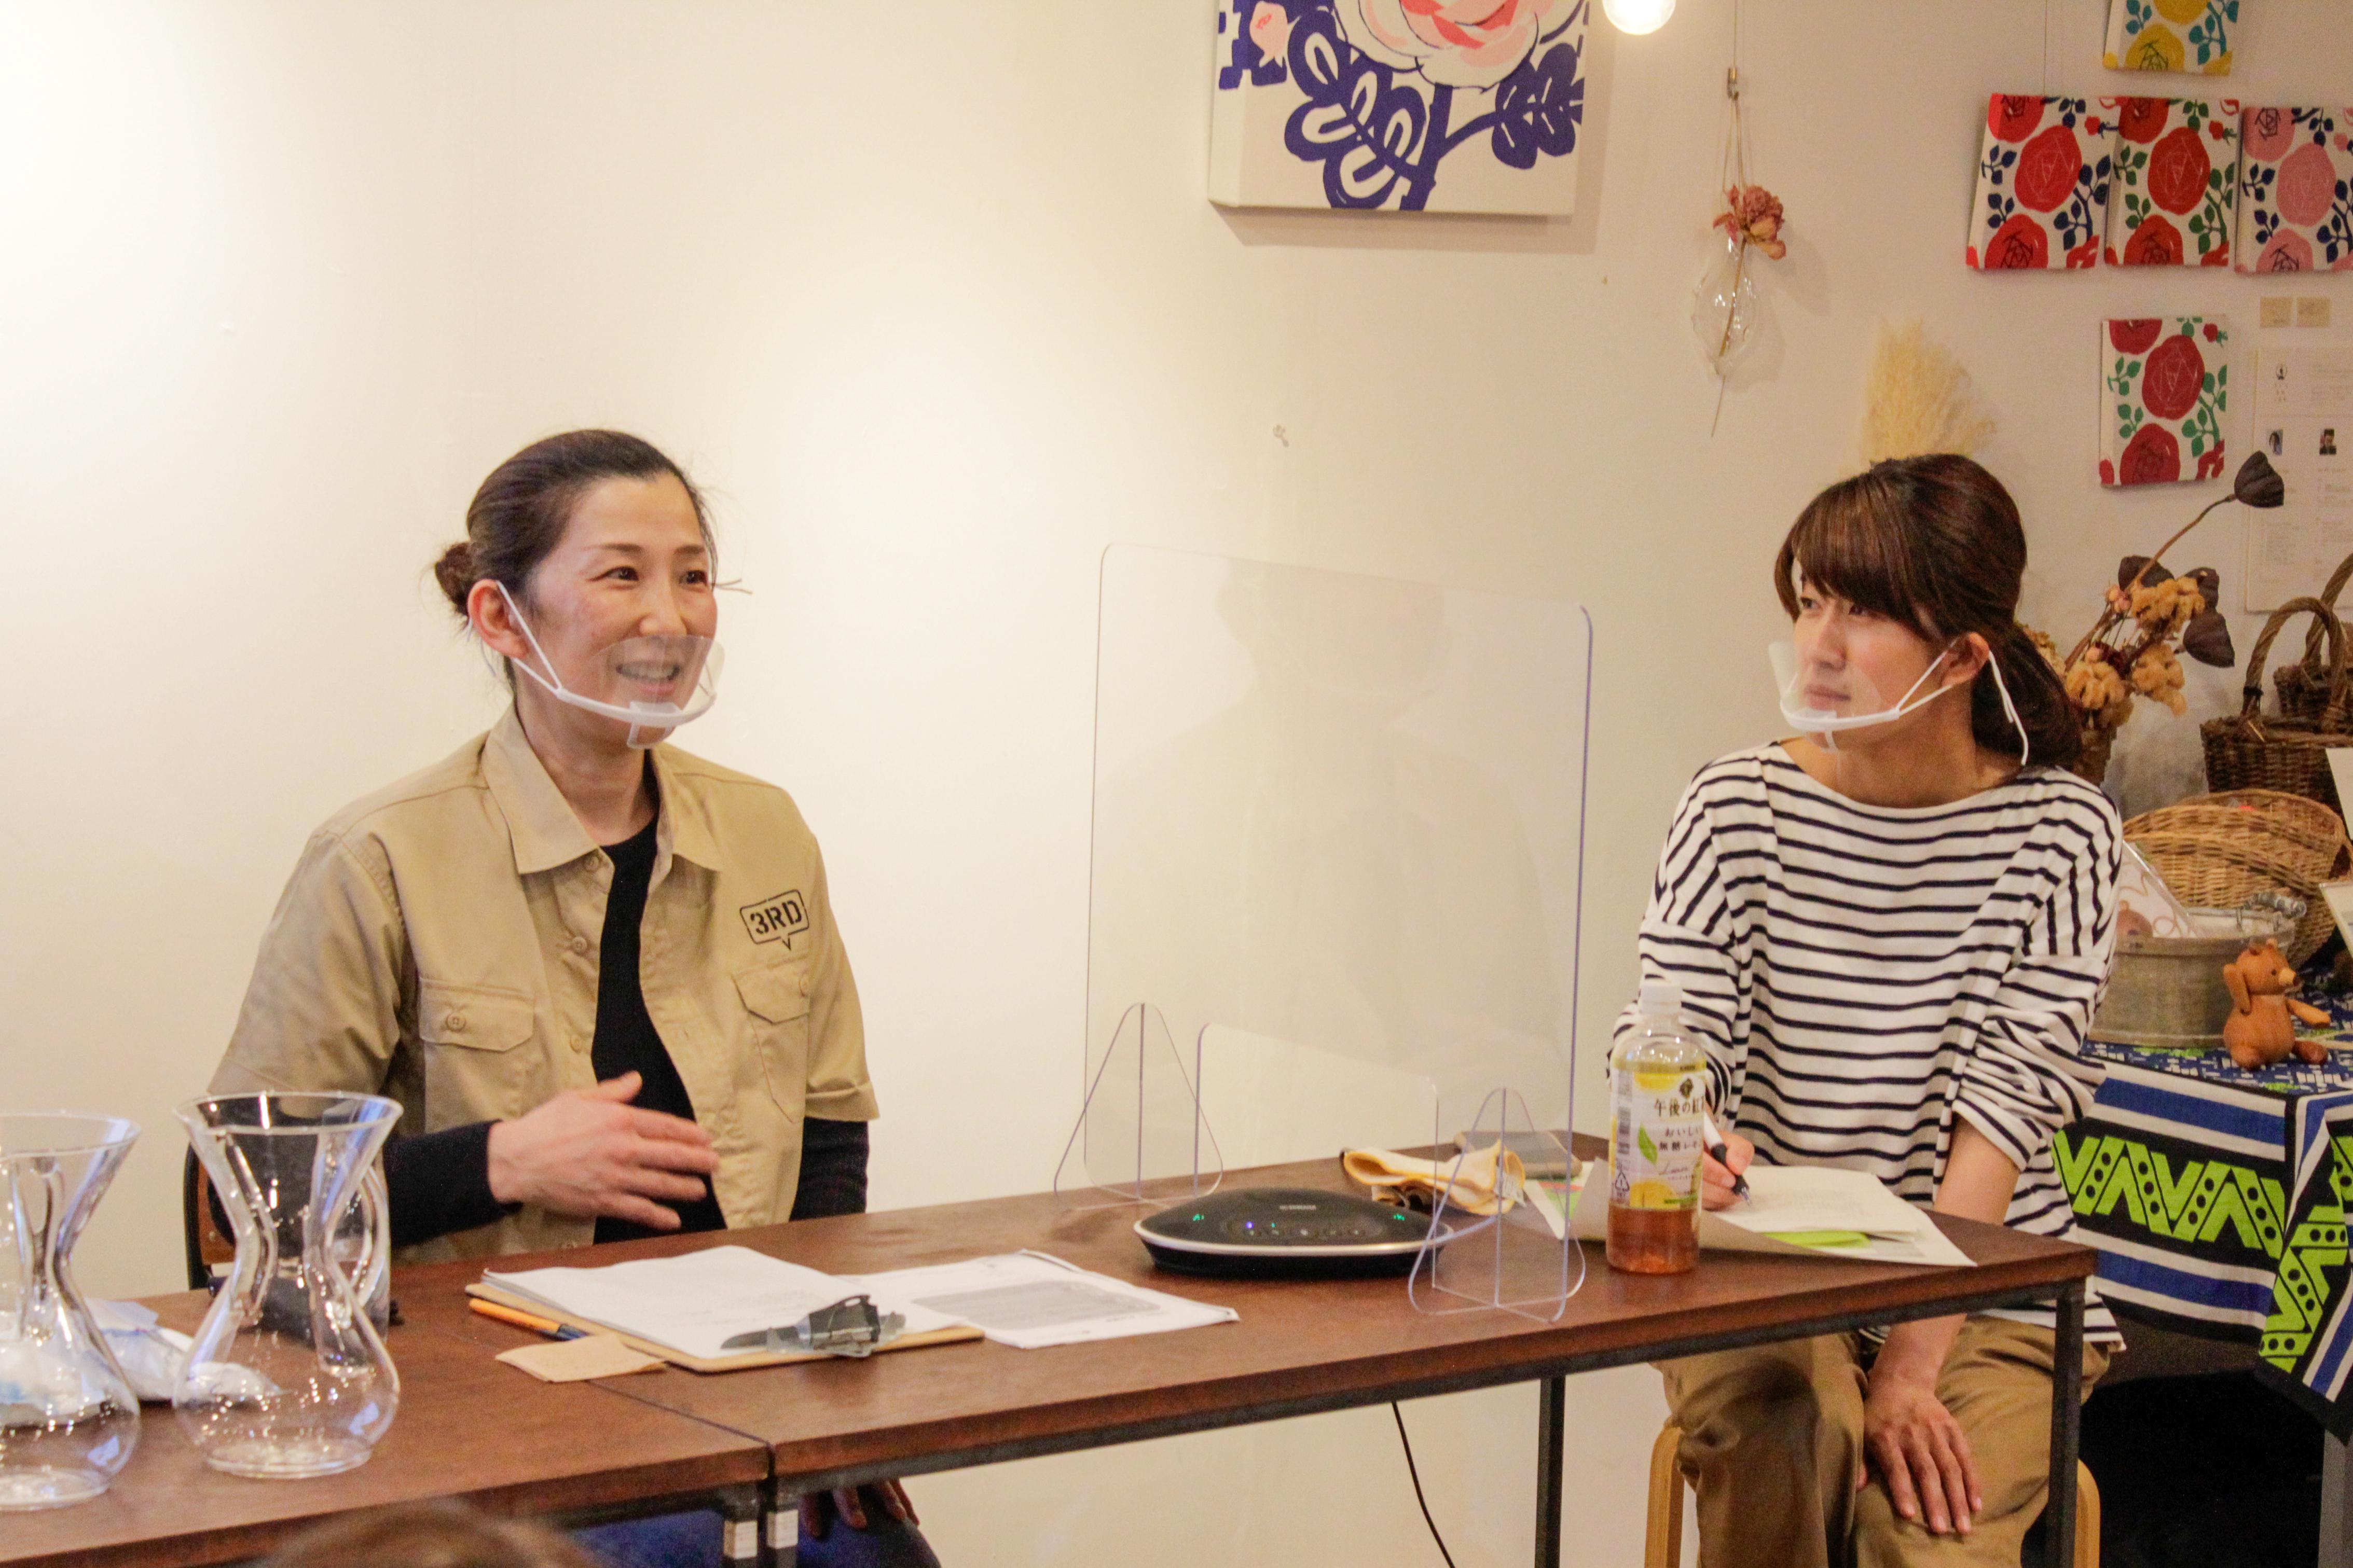 ぽんぽこTALK 関愛さん(3RD CAFE & MORE)と中野市地域おこし協力隊榎本さん